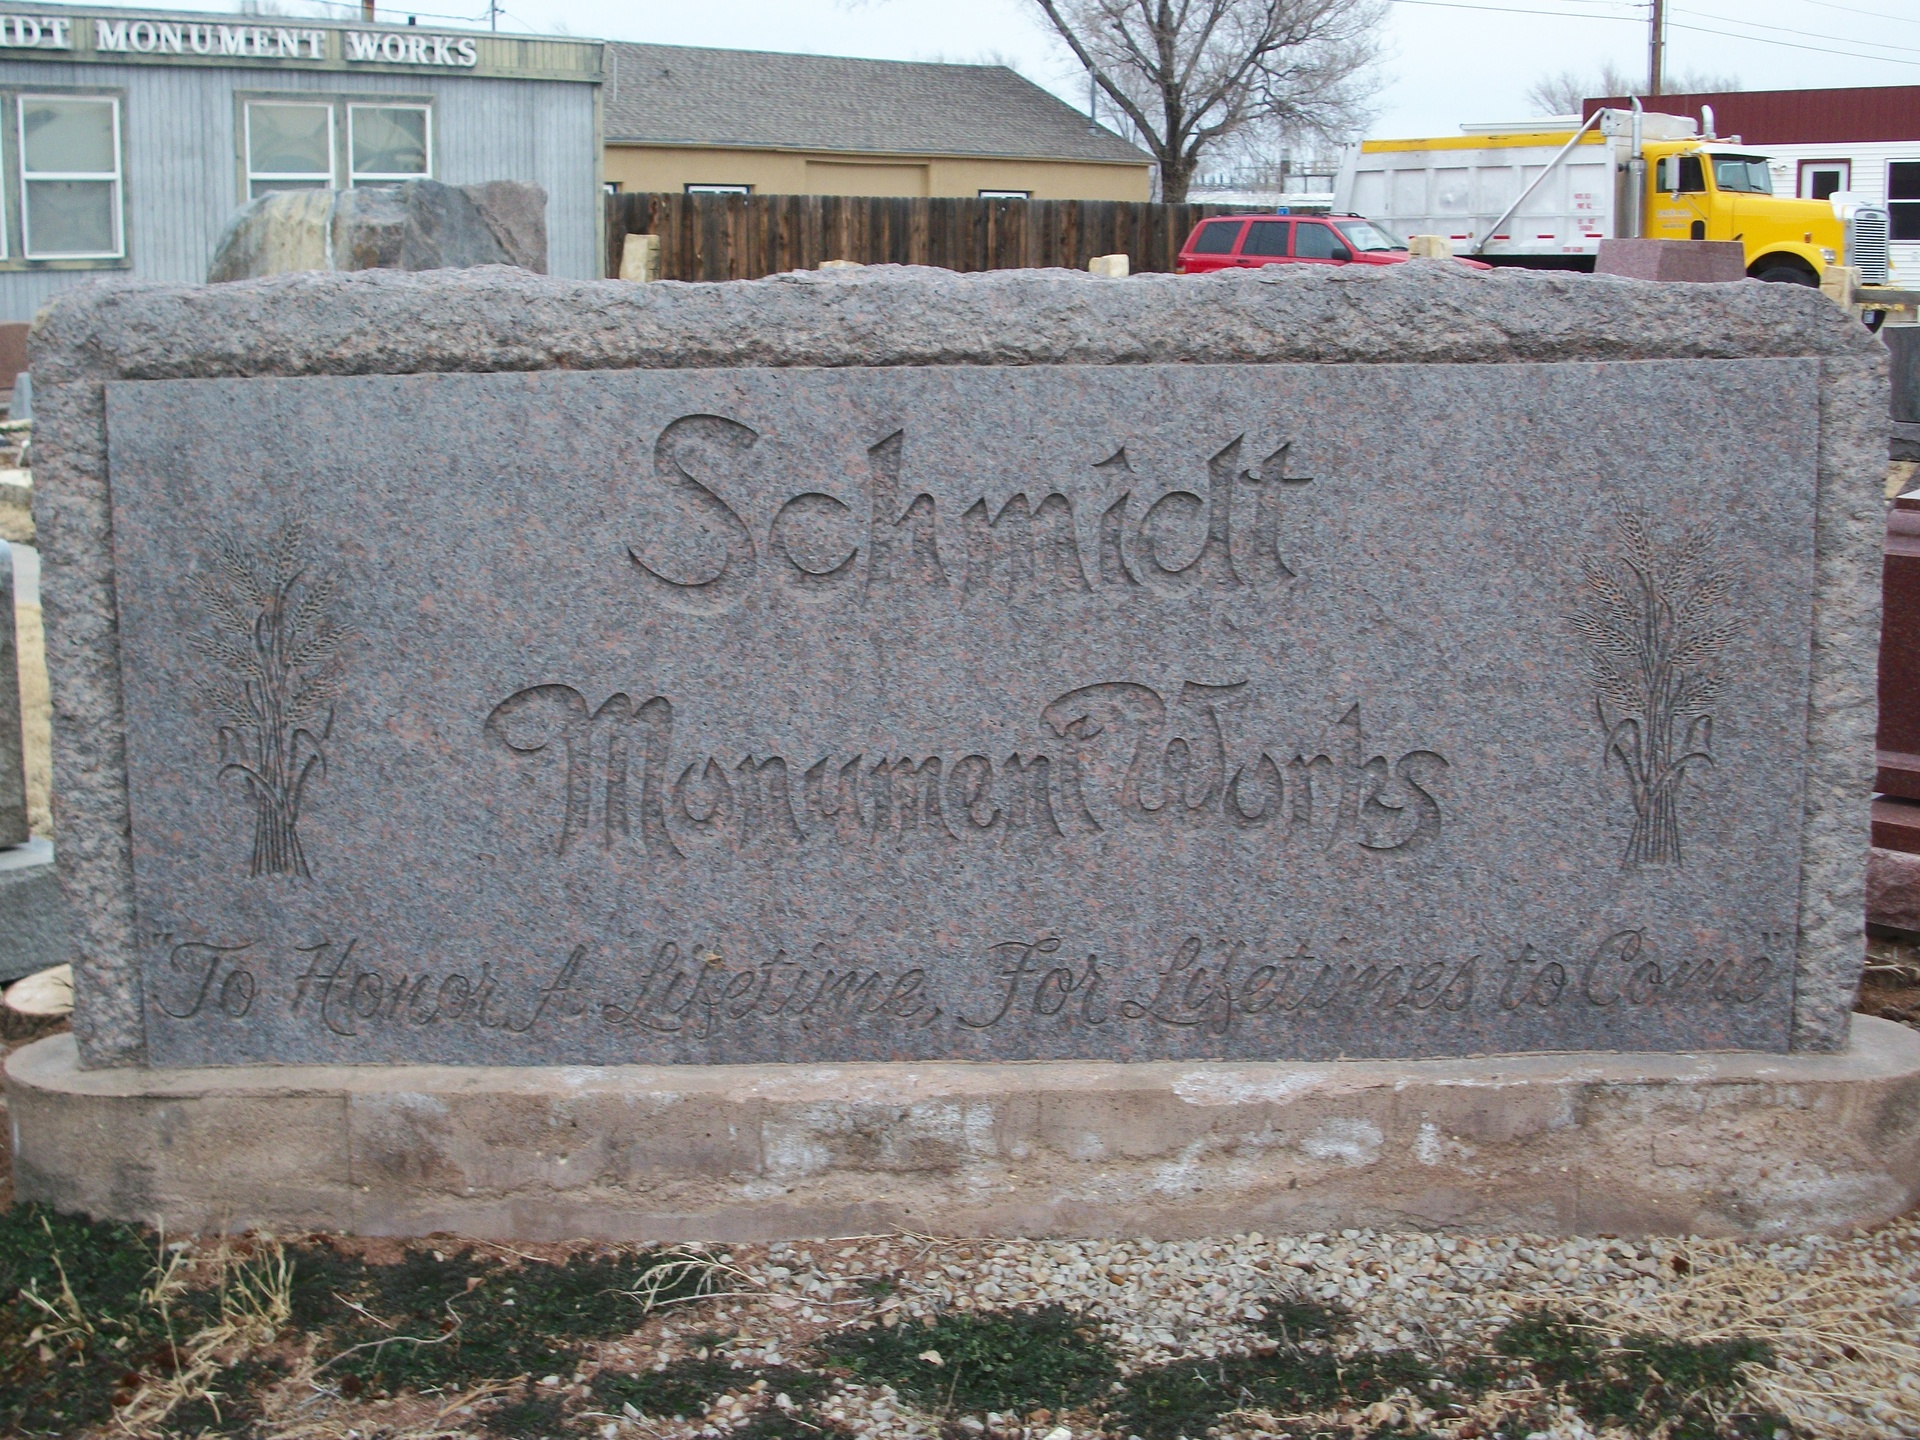 Schmidt Monument Works , 501 E 8th St, Hays, KS, 67601